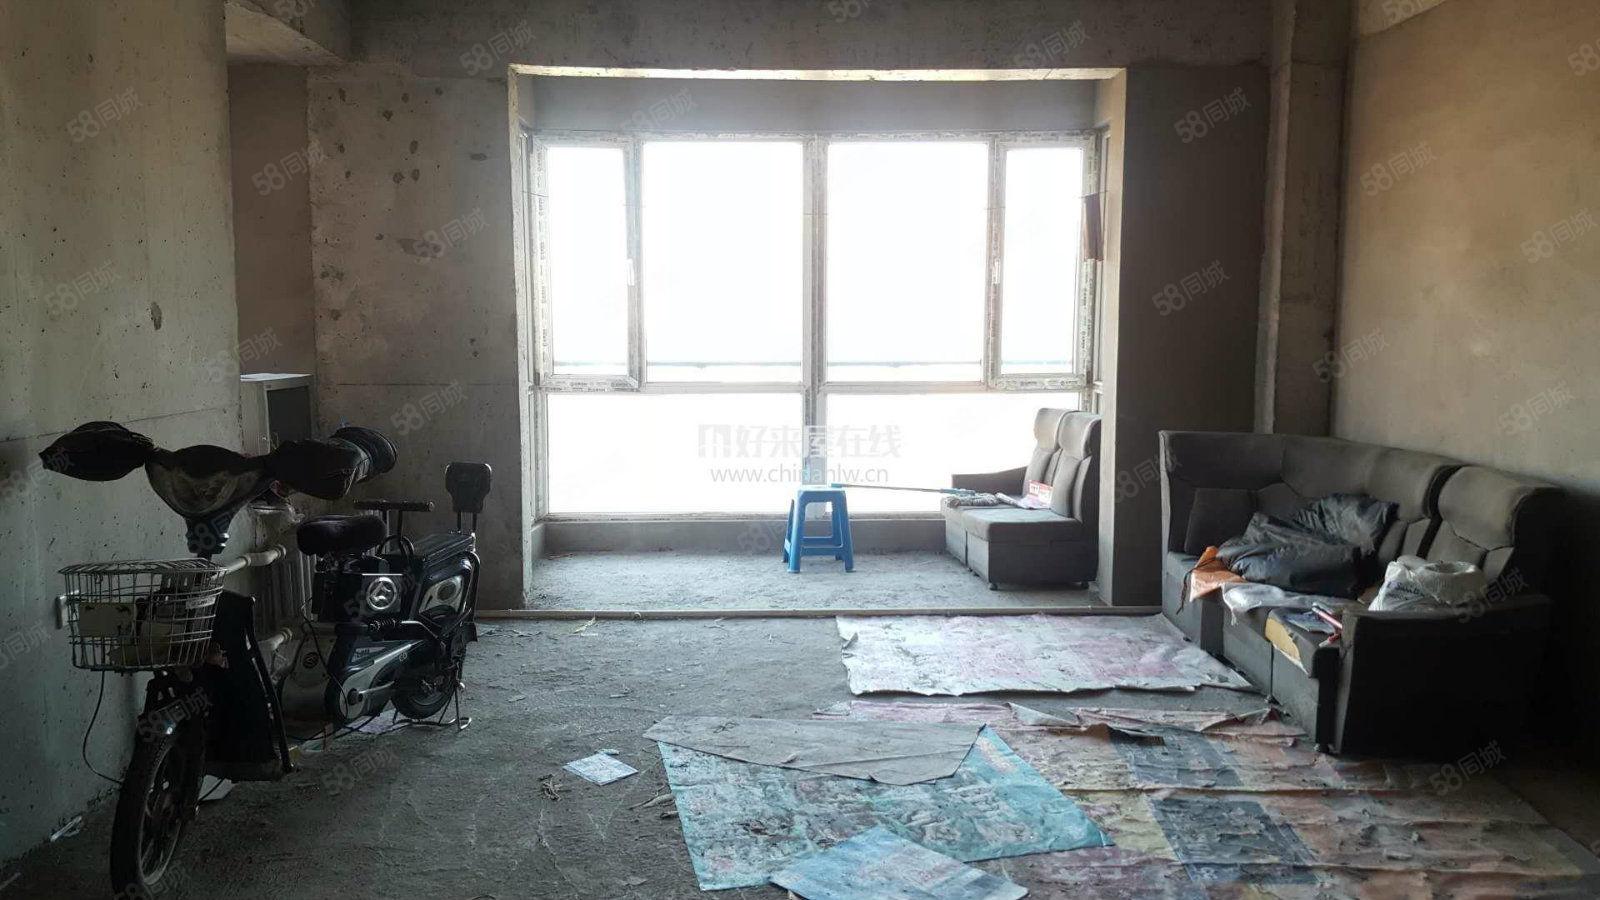 石化新区B区,清水房三室两卫,能贷款,能贷款